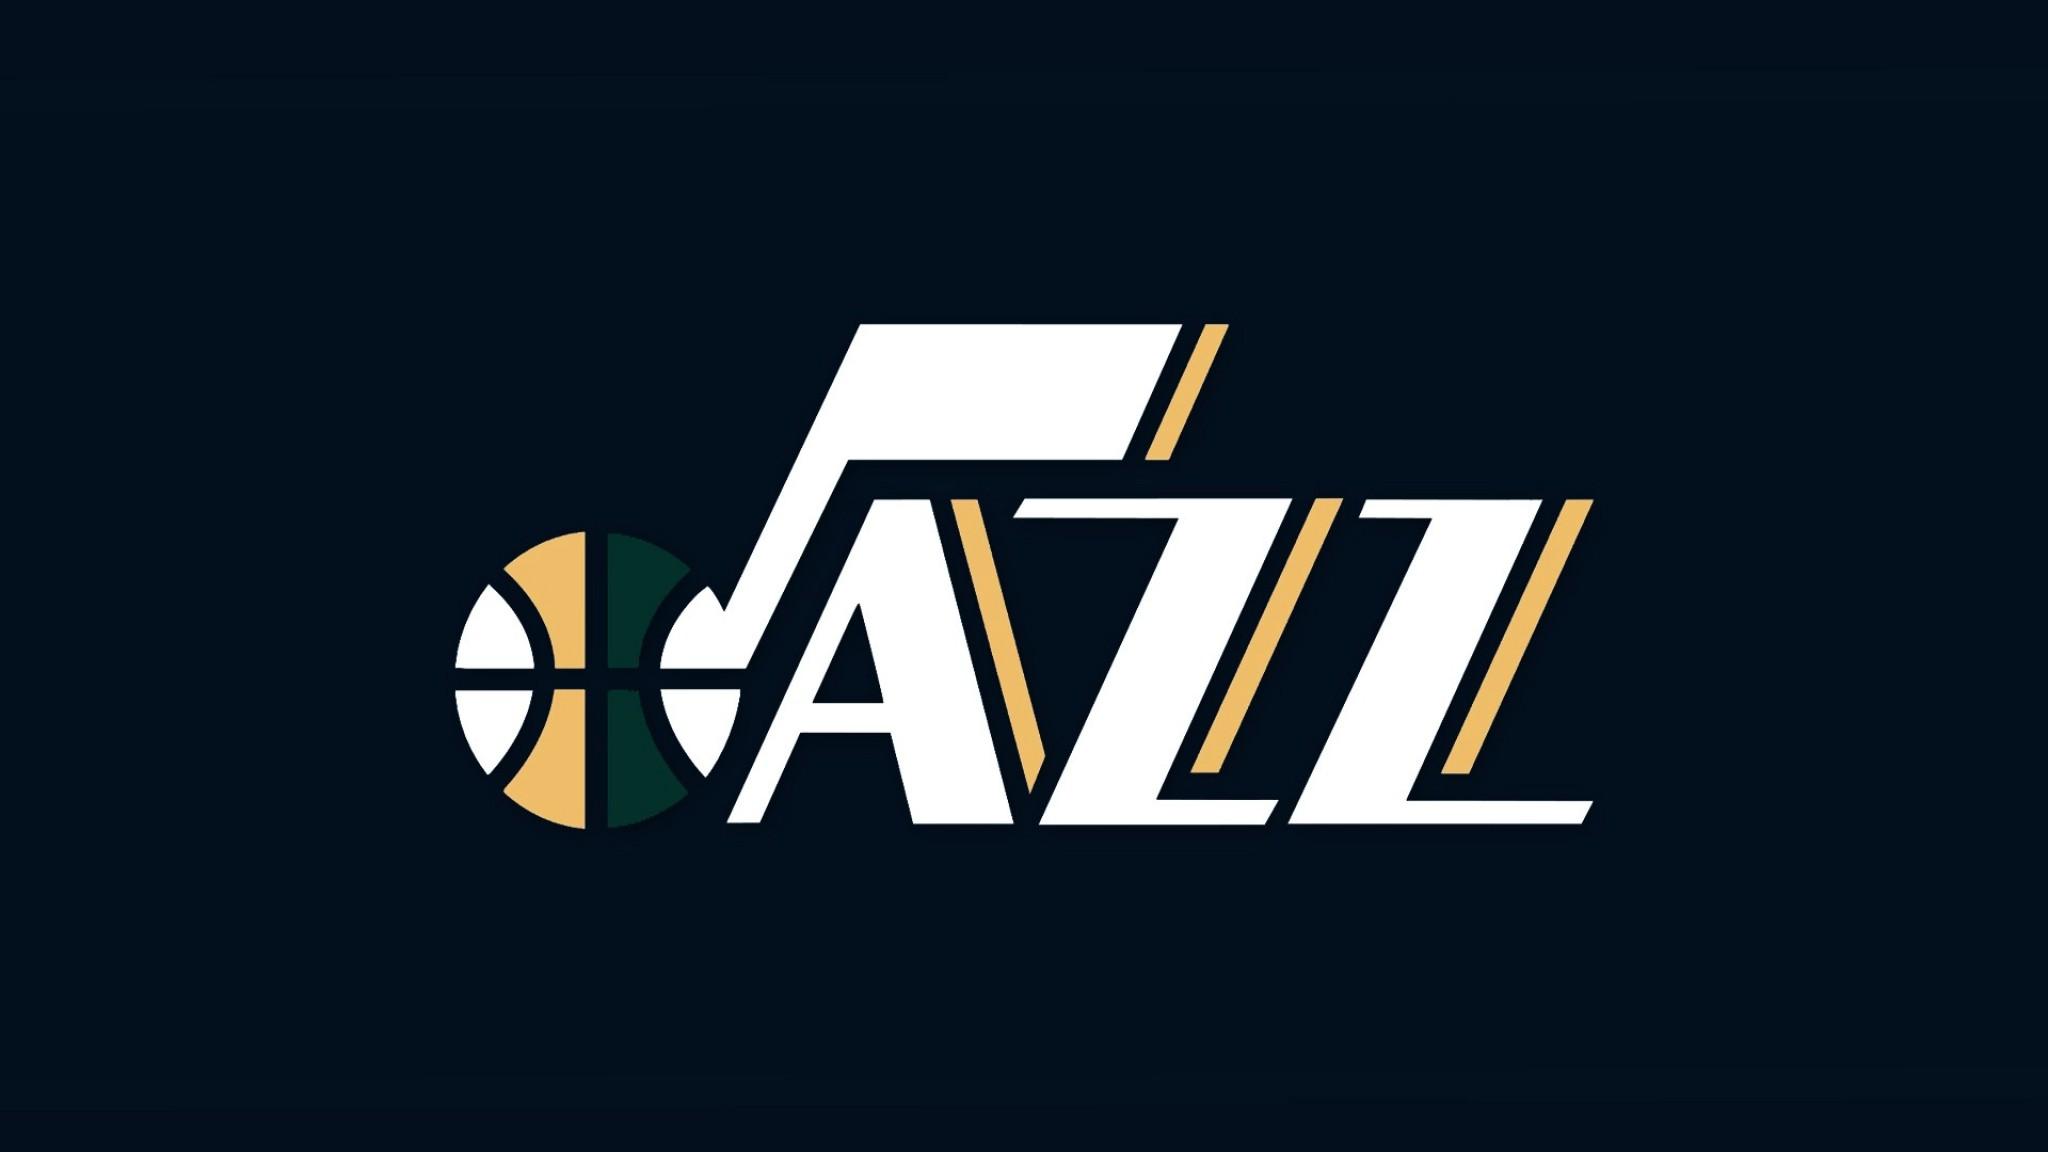 Wallpaper 2048x1152 Px 26 Basketball Jazz Nba Utah